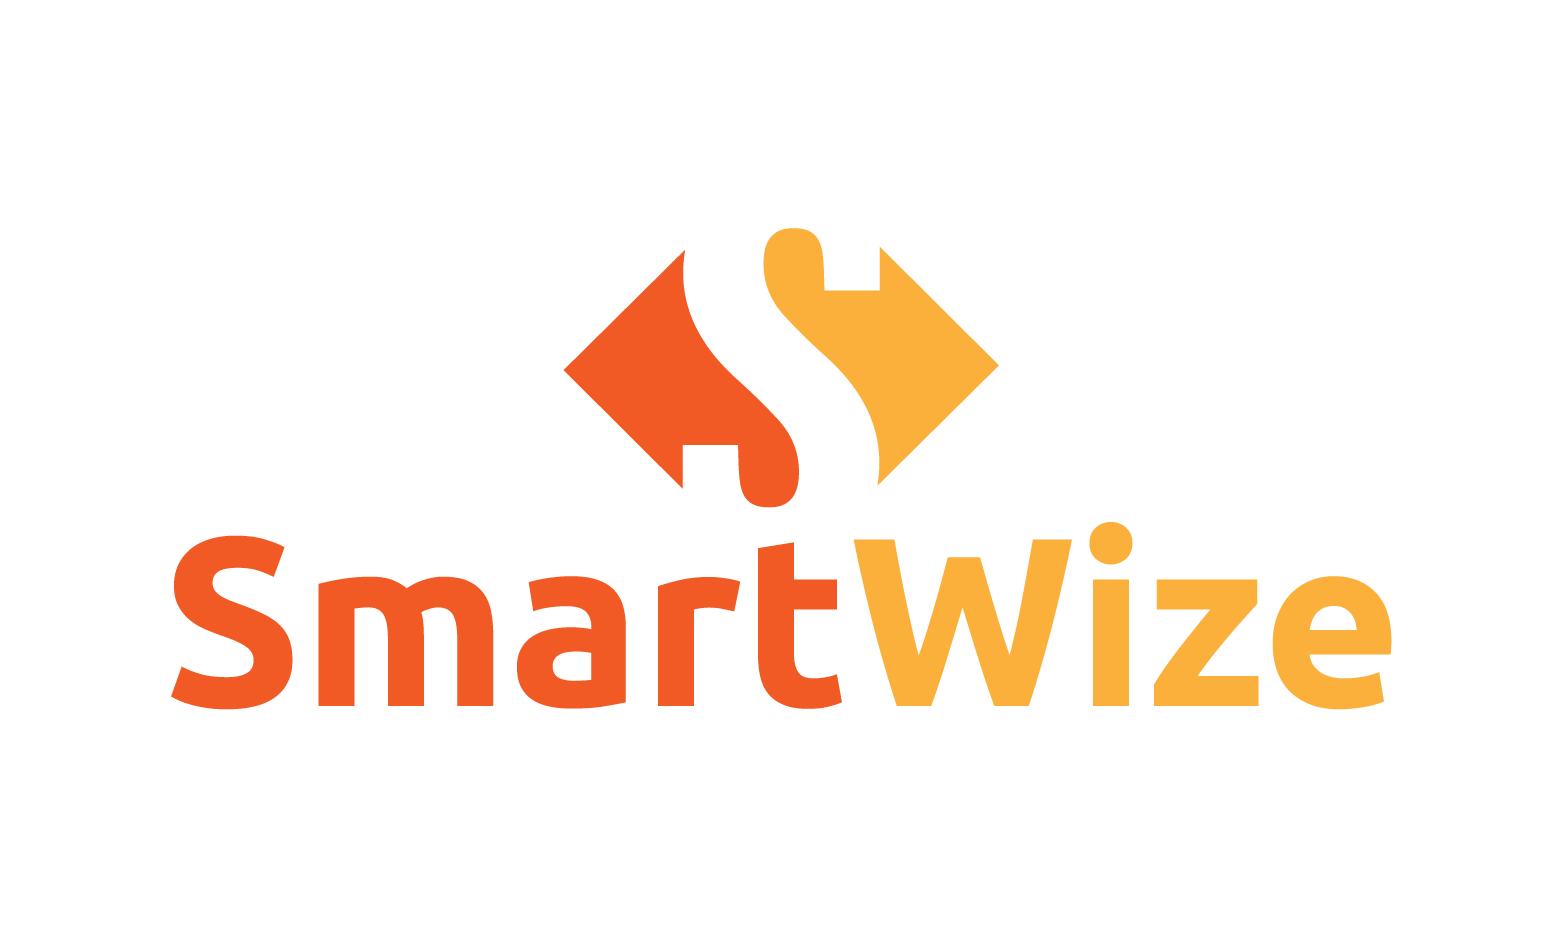 smartwize.com